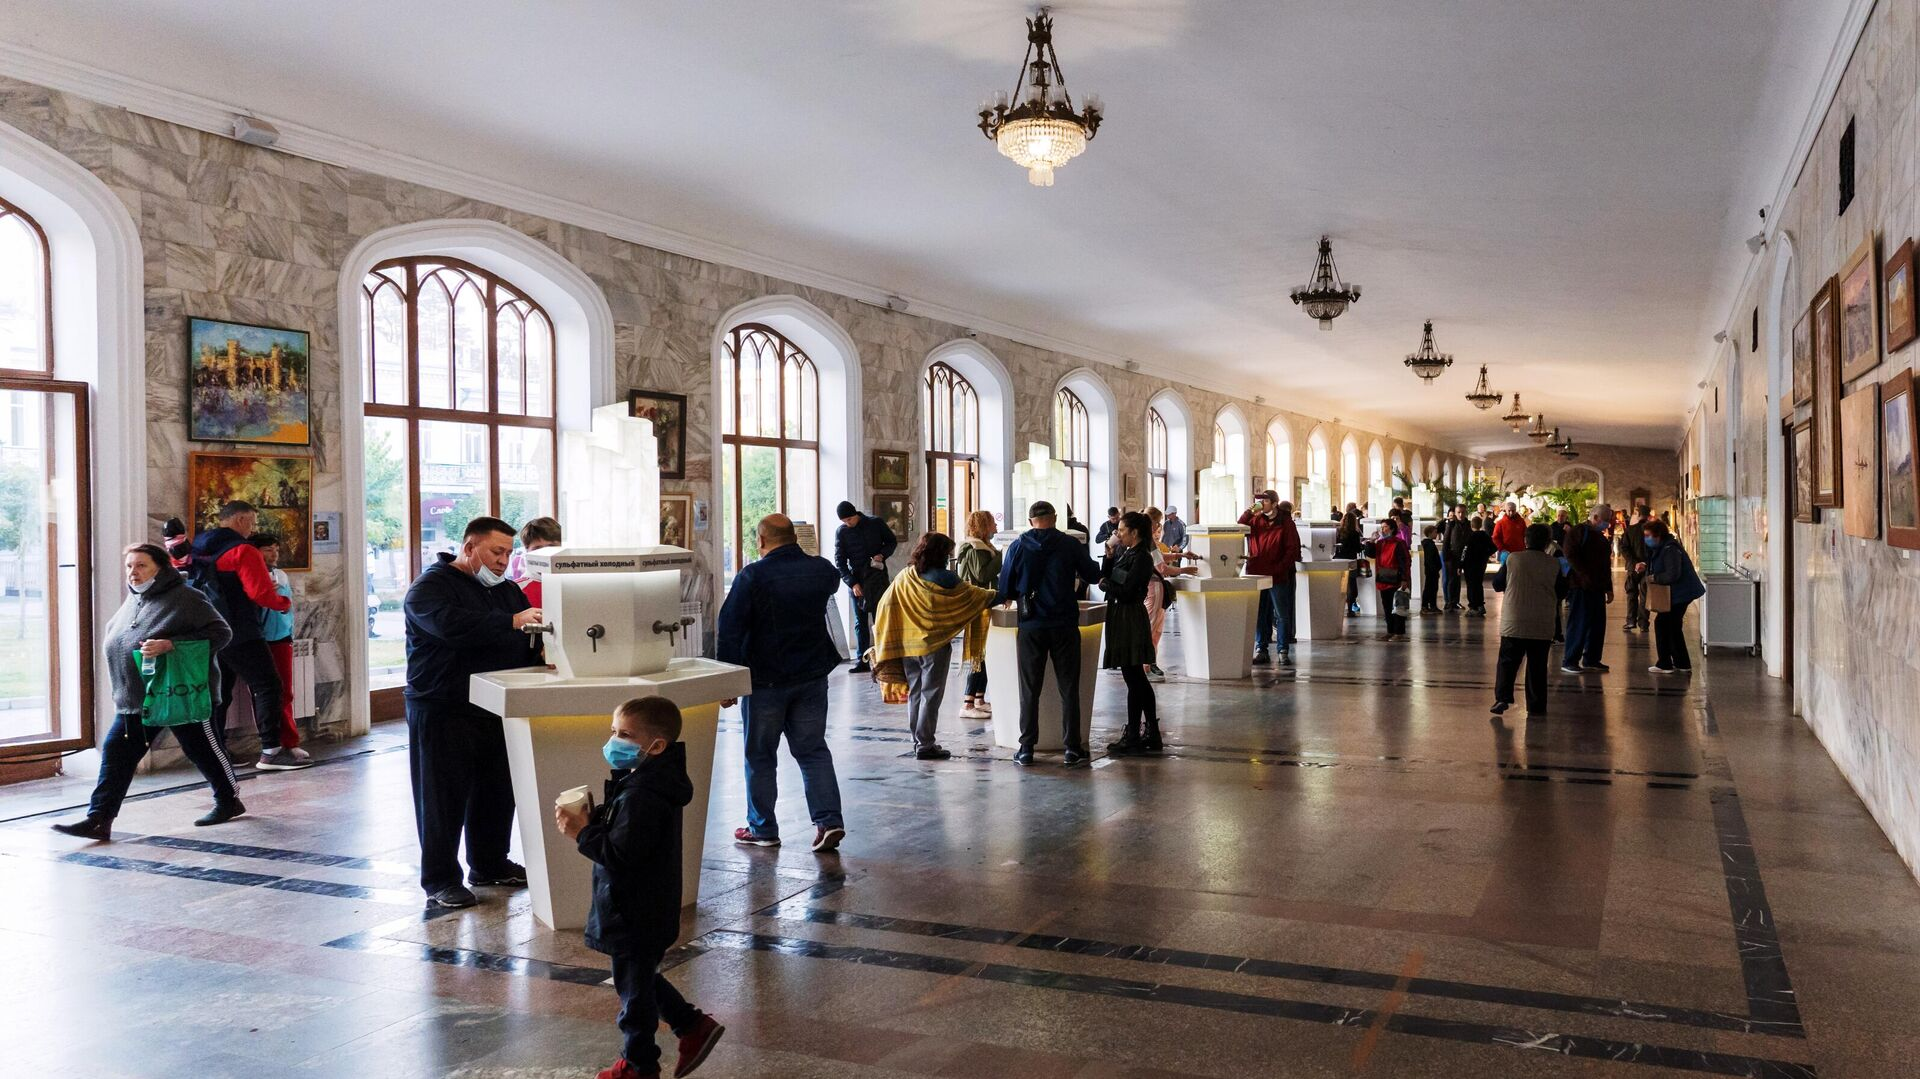 Люди в Нарзанной галерее в Кисловодске - РИА Новости, 1920, 16.03.2021